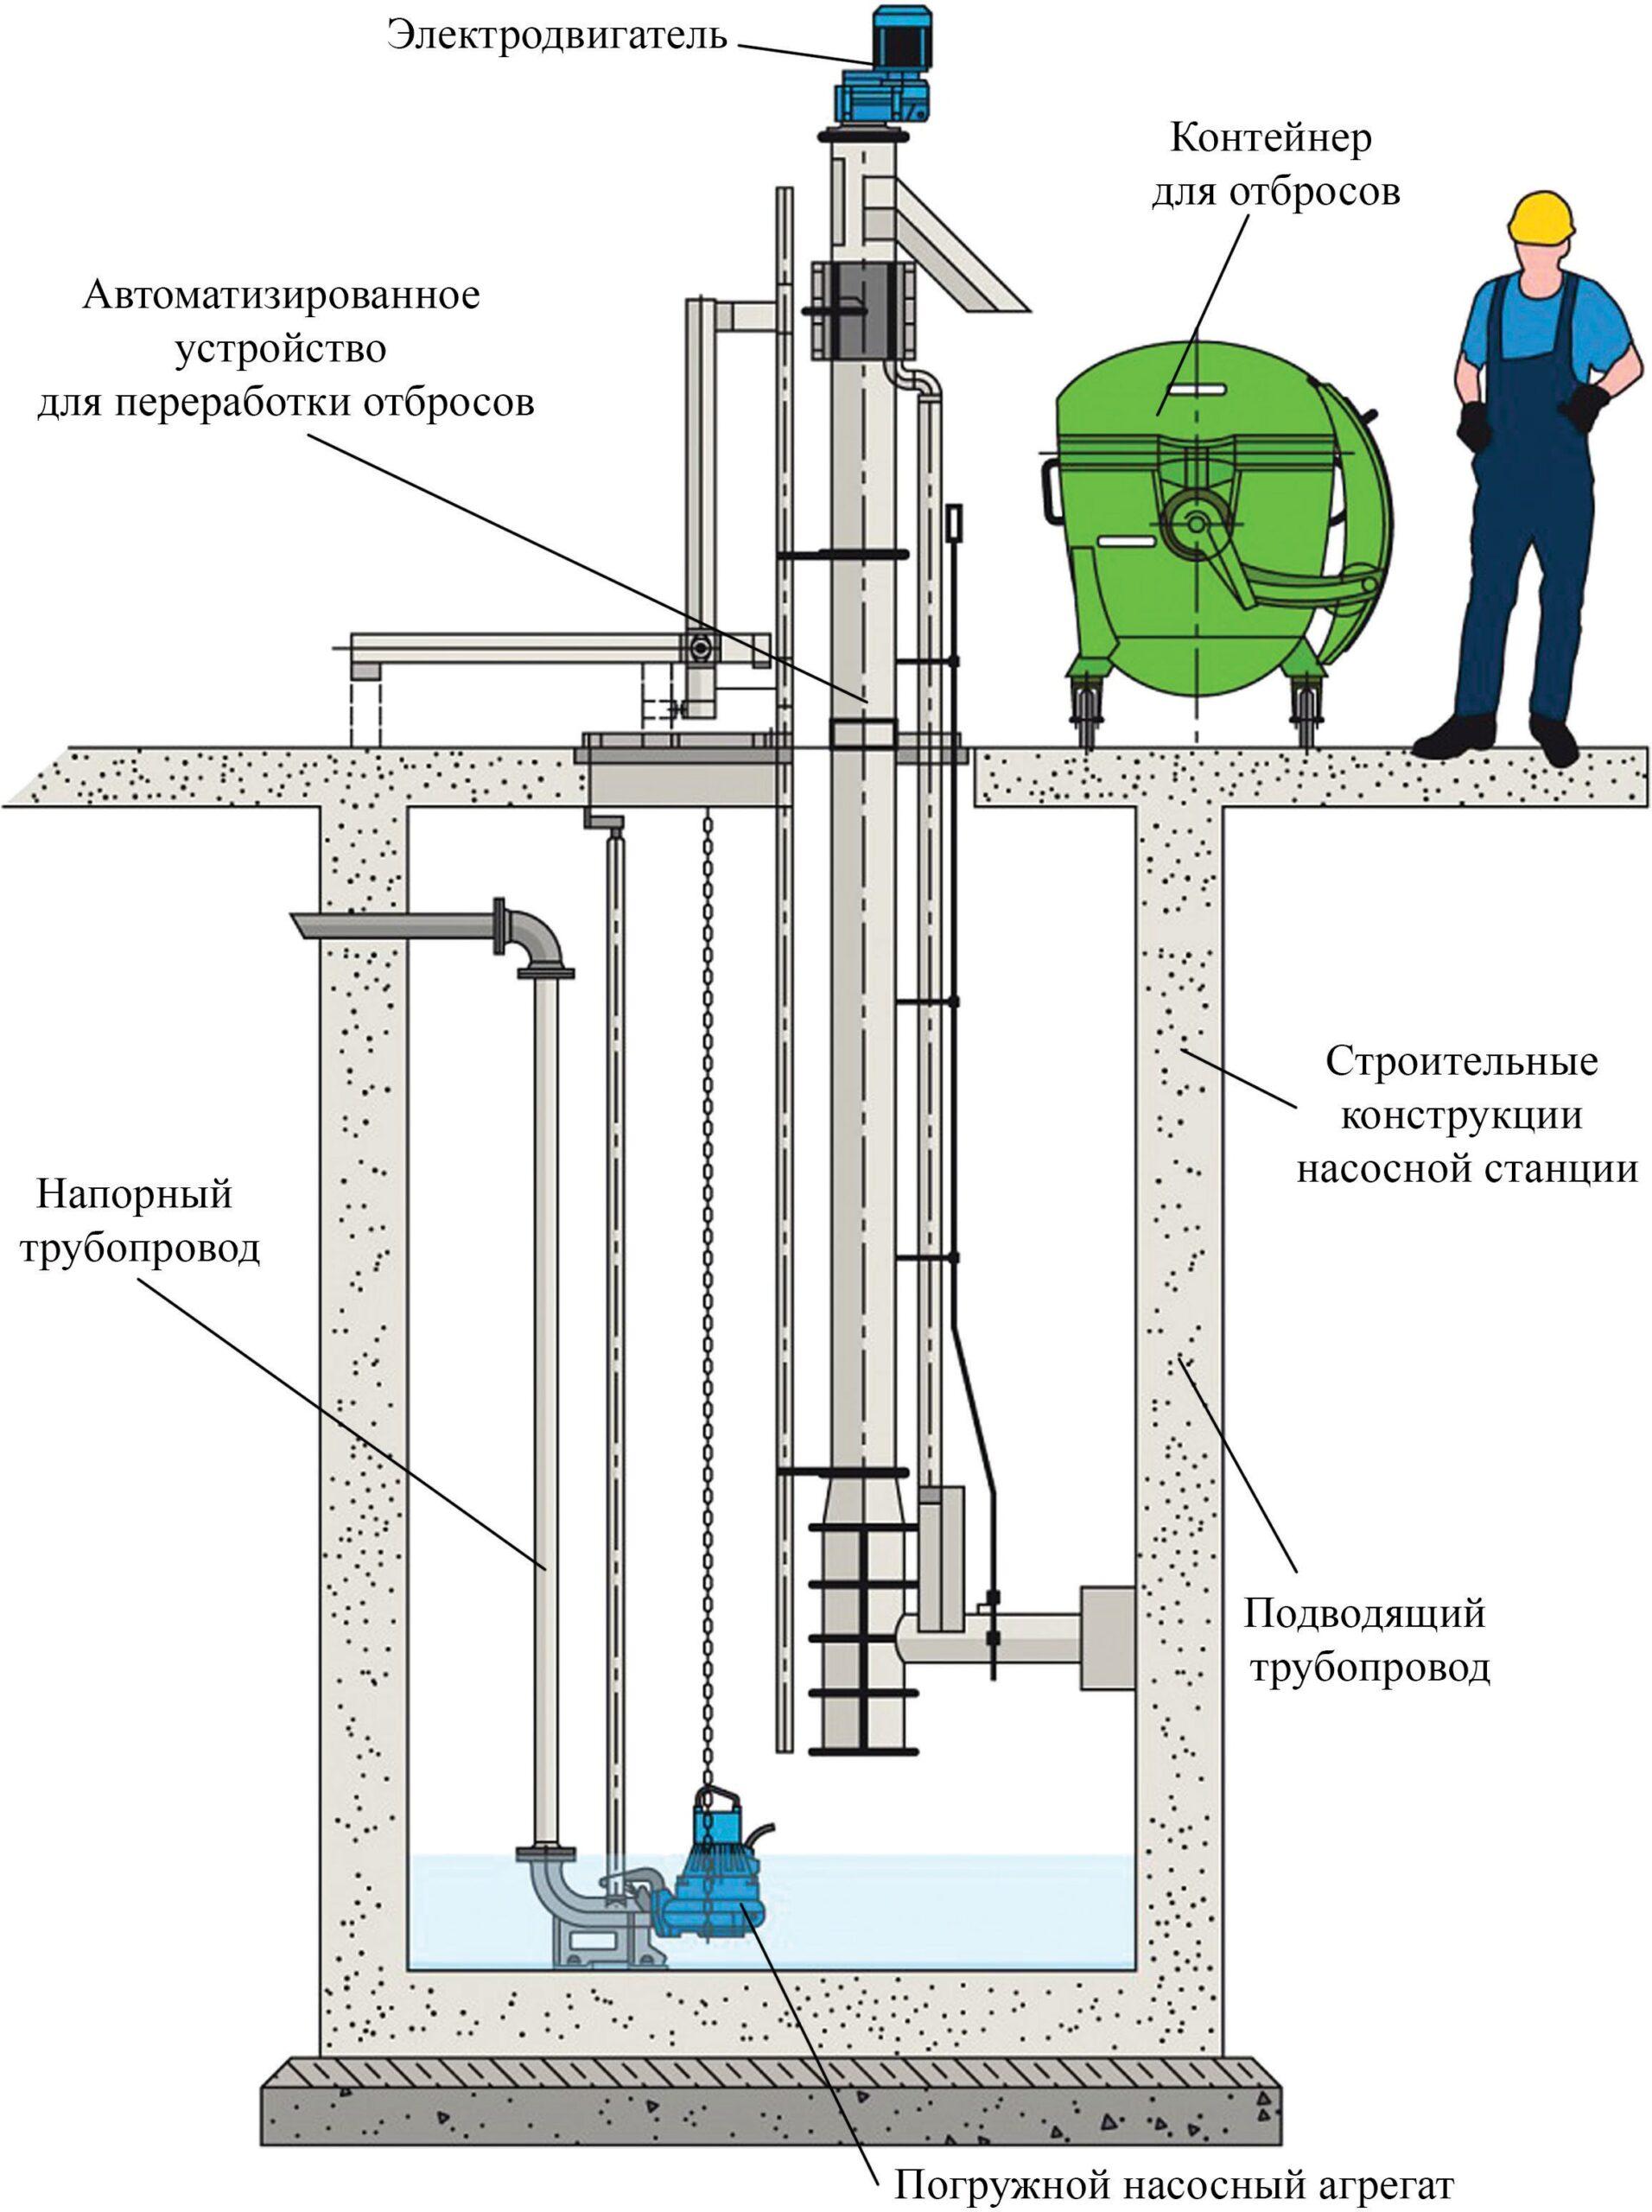 Размещение в канализационной насосной станции автоматизированного устройства